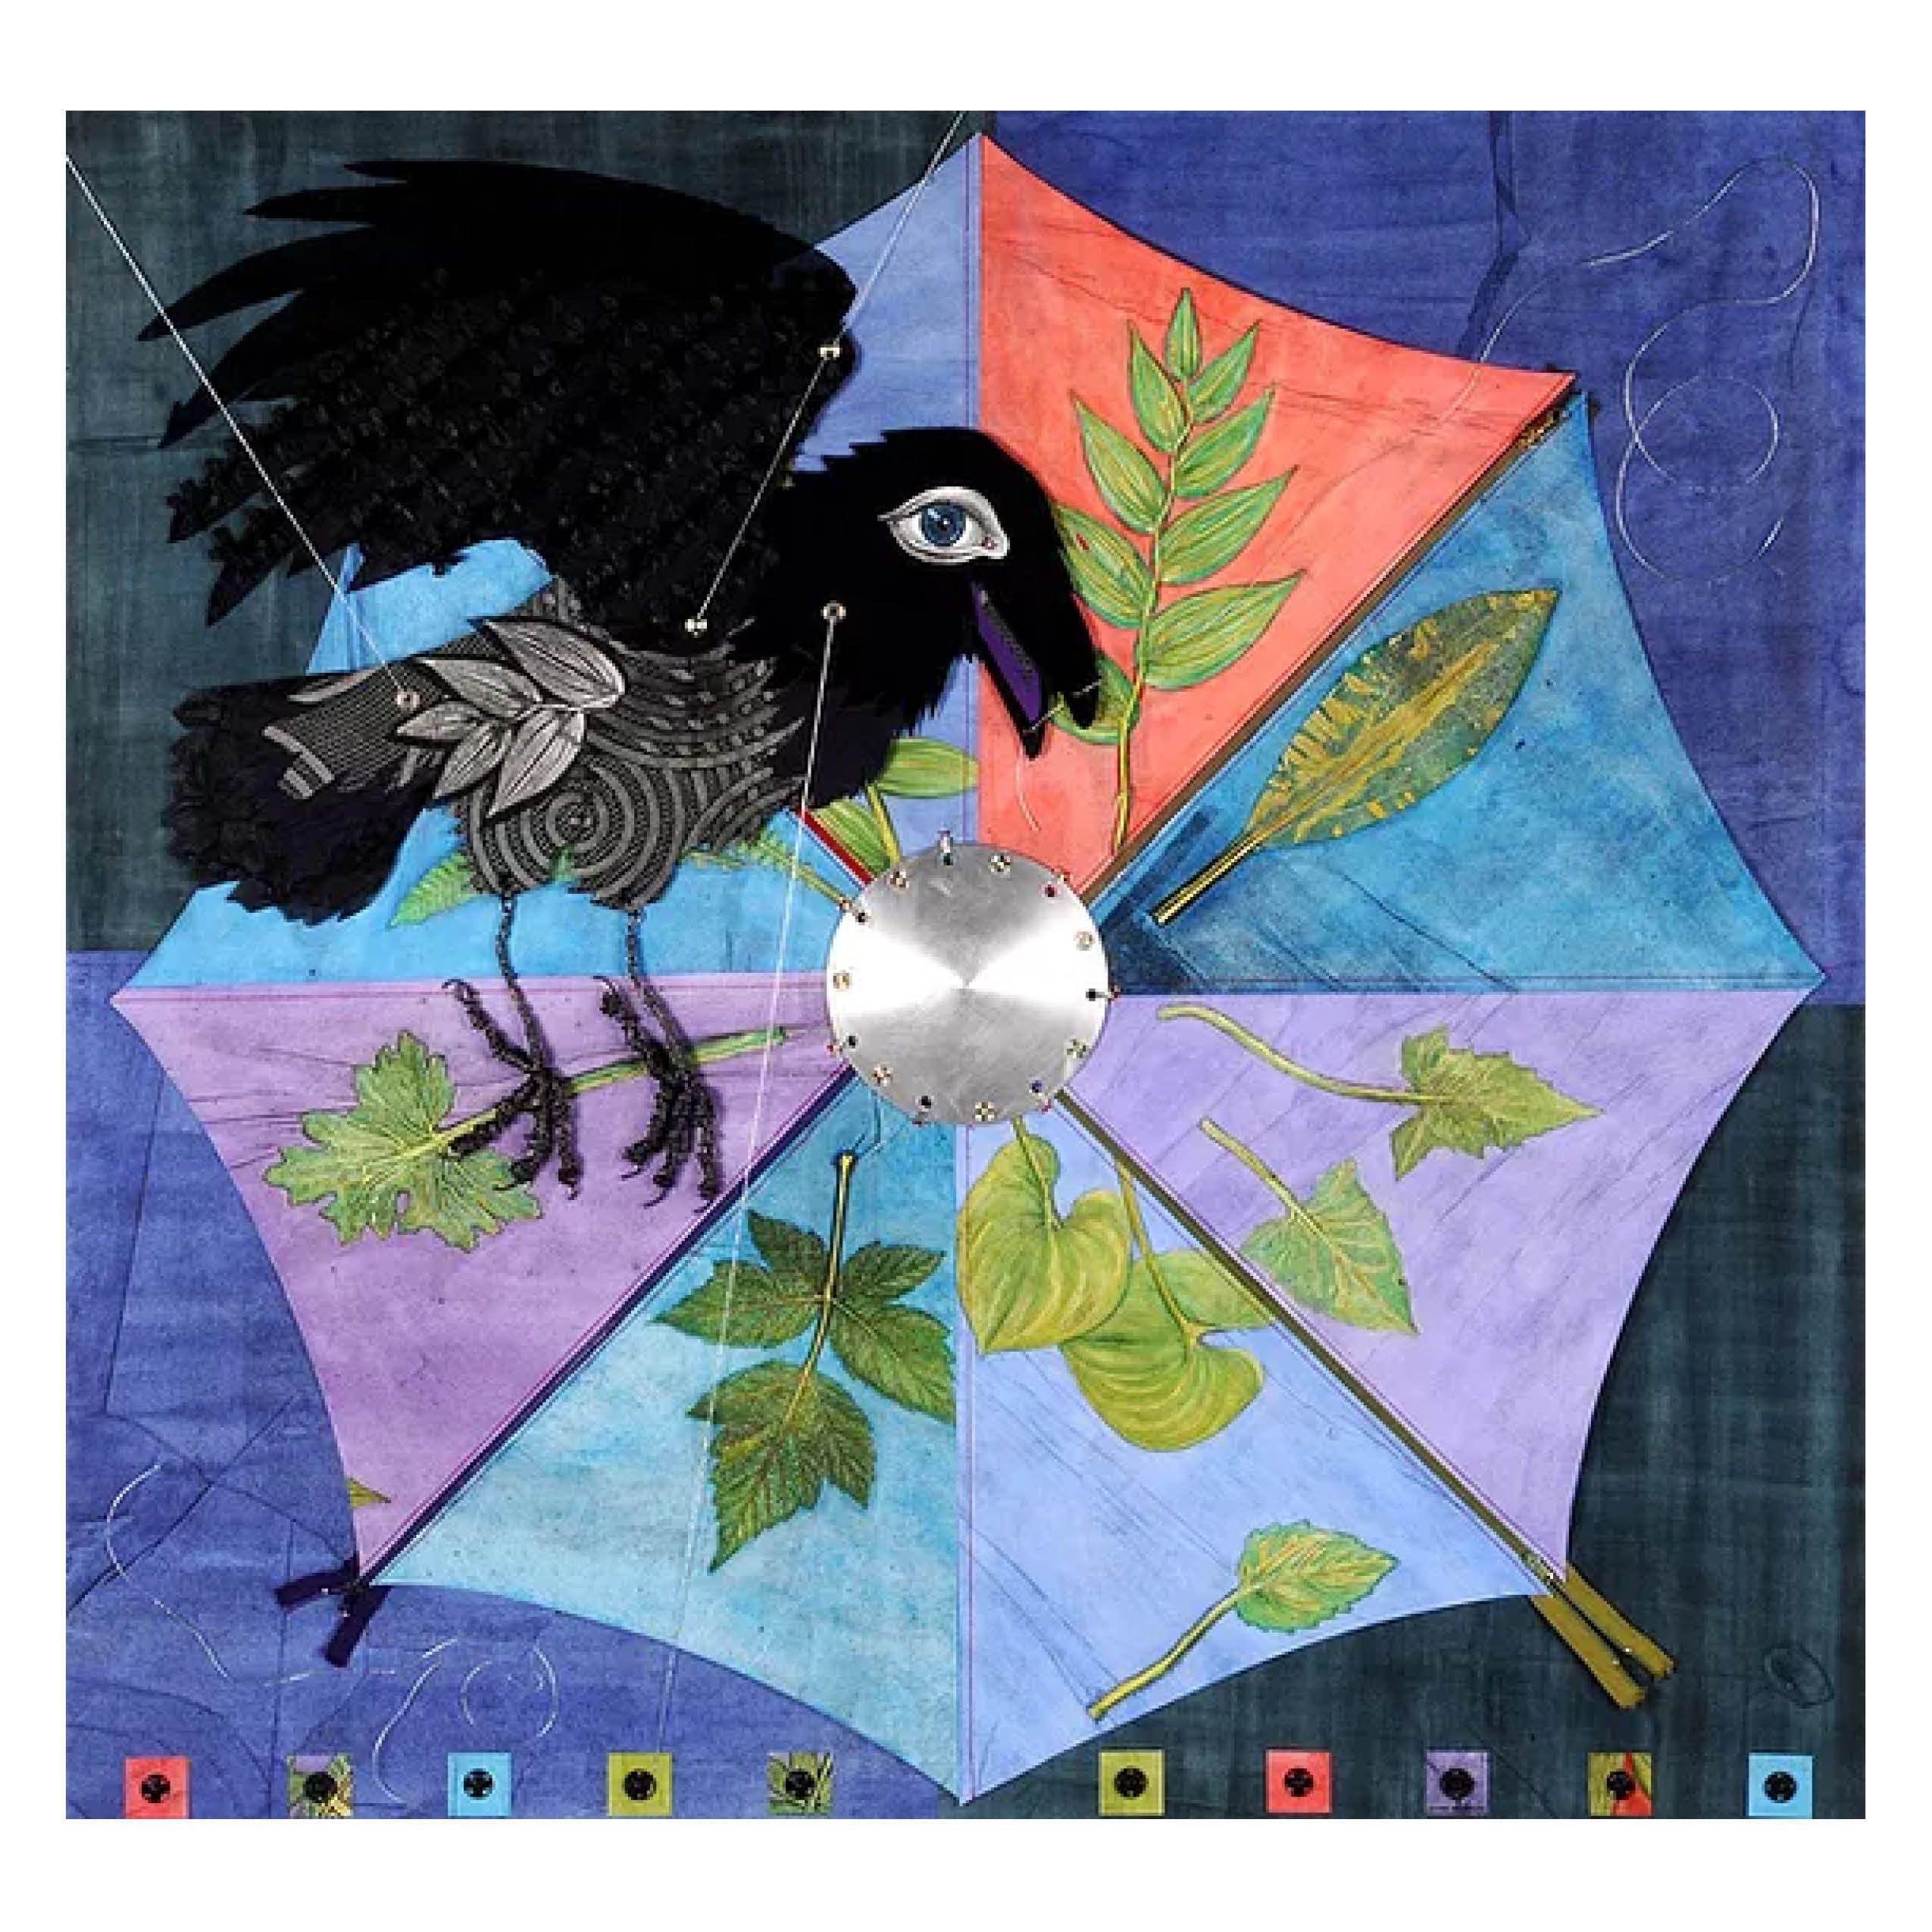 """""""Raven's Wheel IV: Umbrella"""" - Evon Zerbetz"""